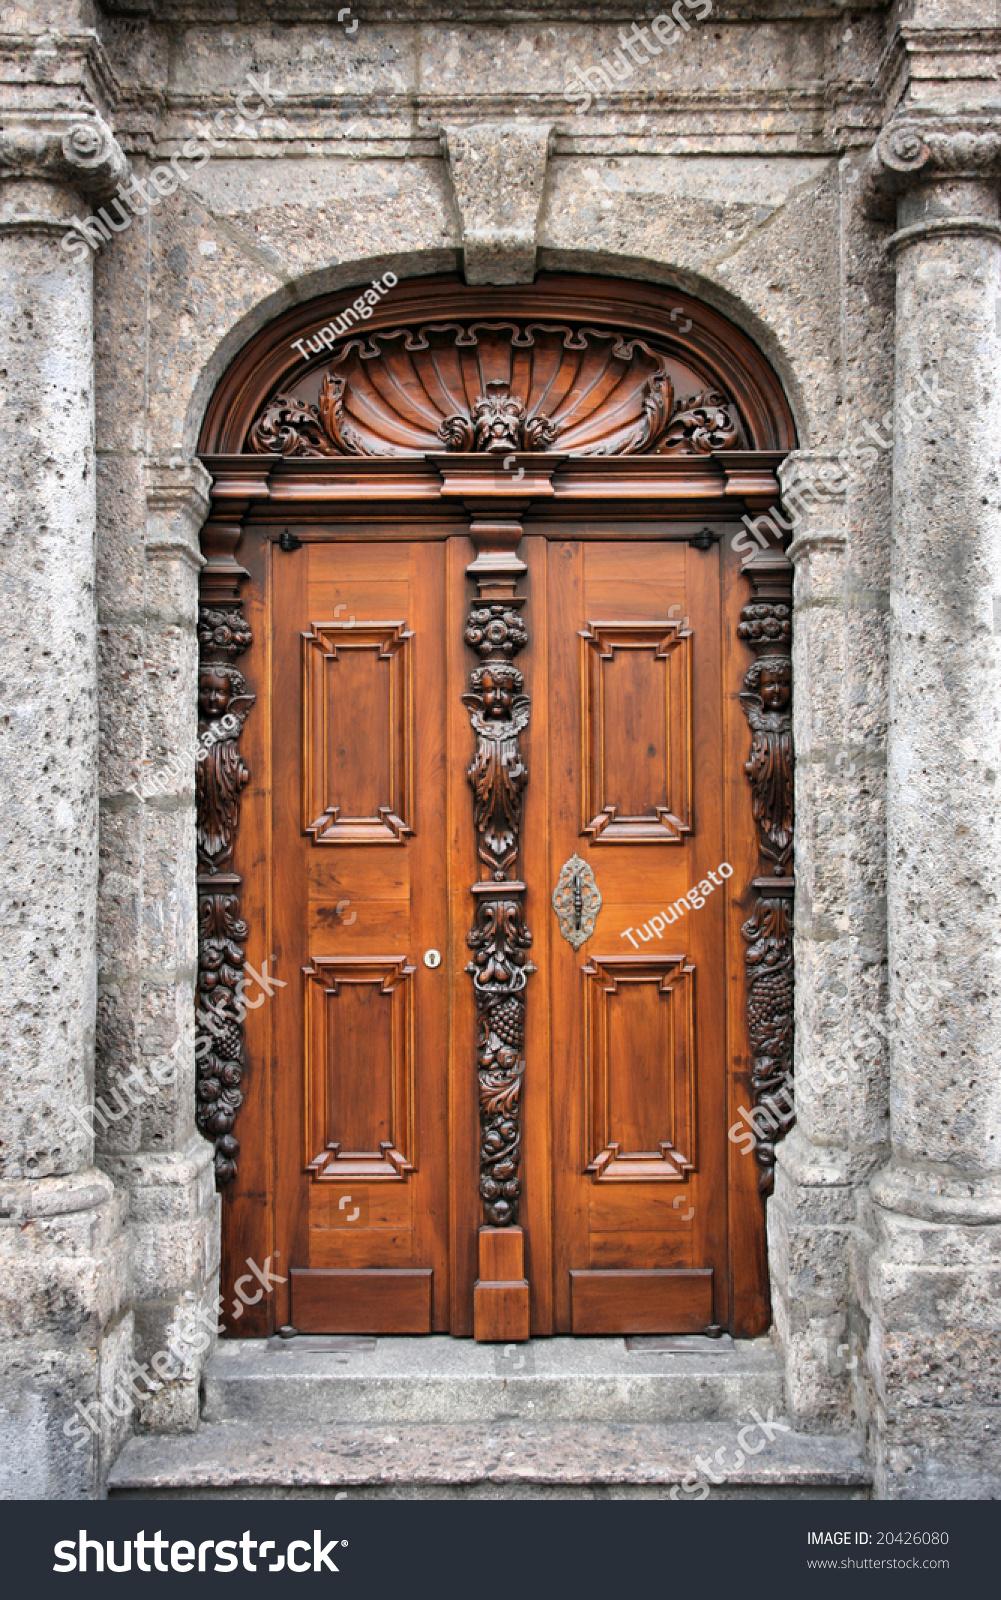 Beautiful decorative wooden door innsbruck tirol stock for Beautiful wooden doors picture collection